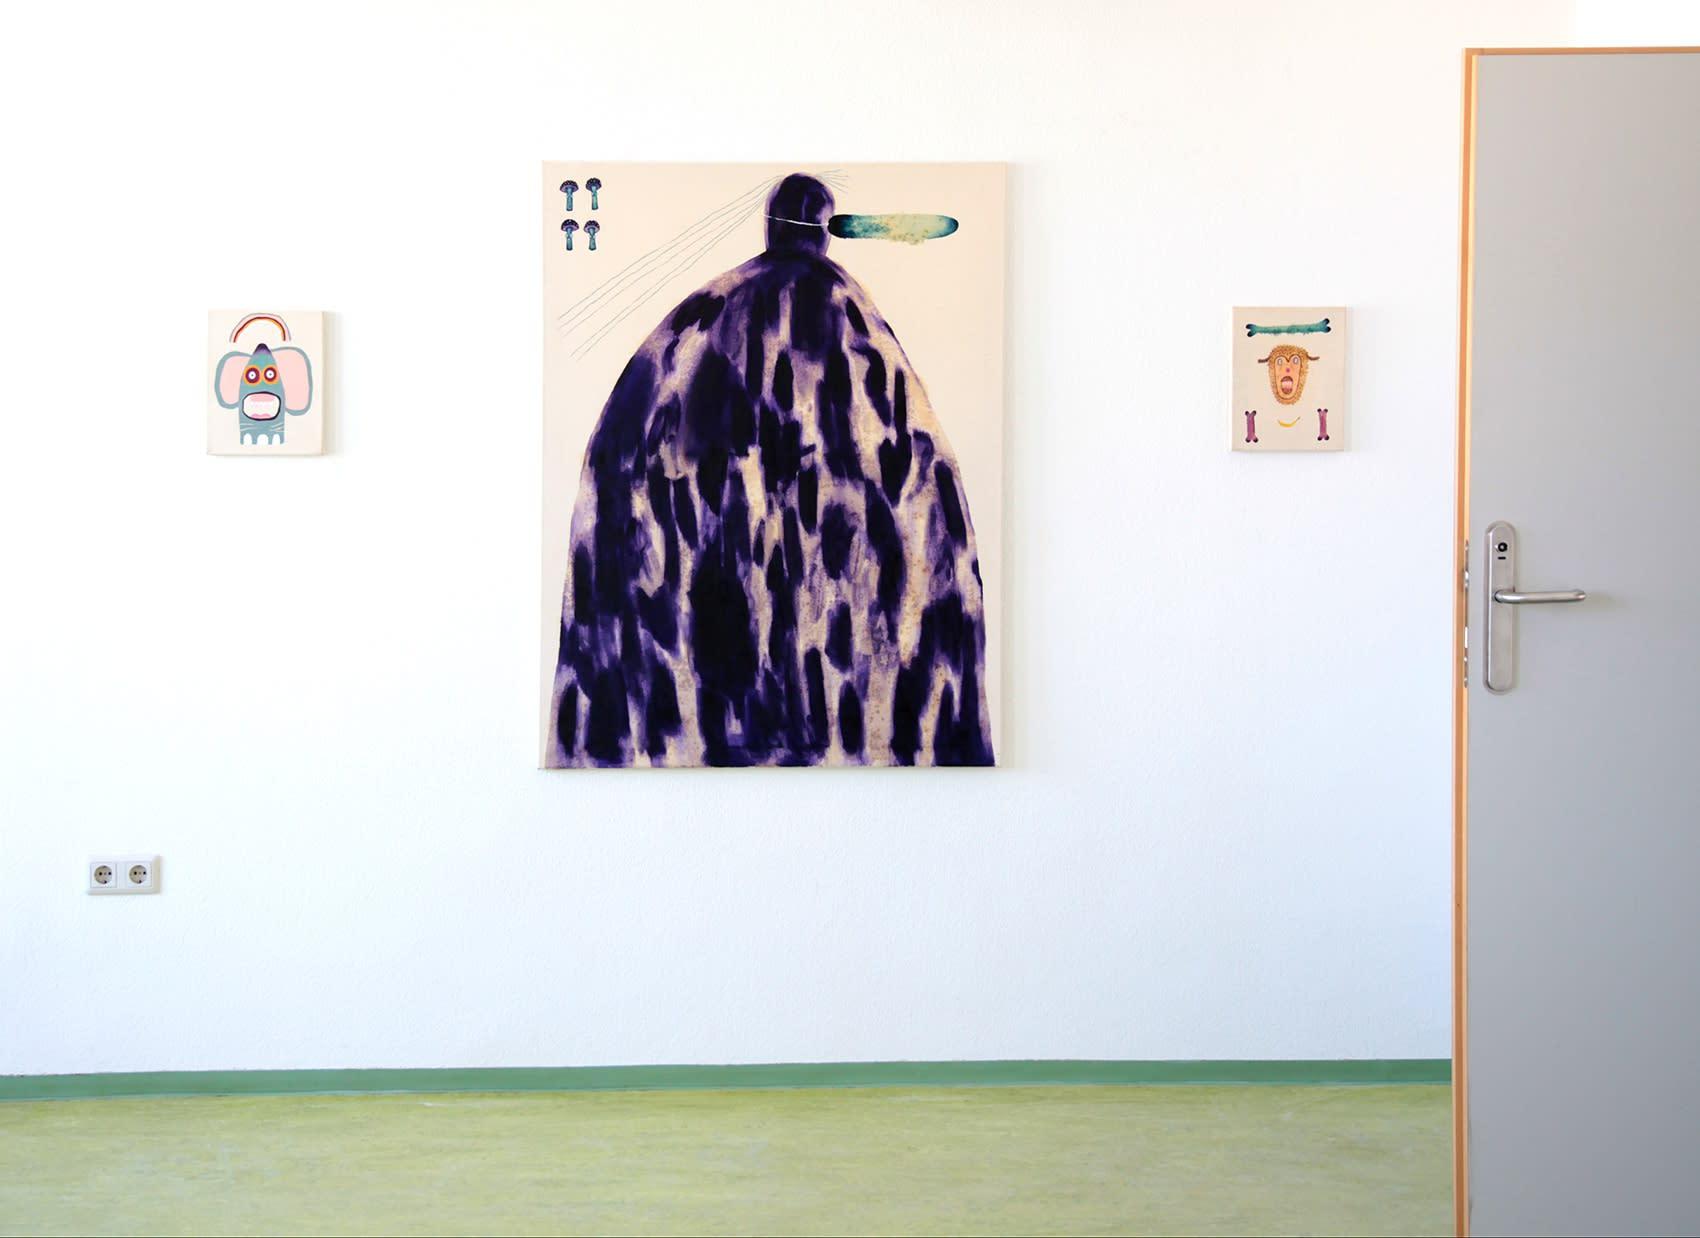 gallery, krobath, vienna, sophie suessmilch